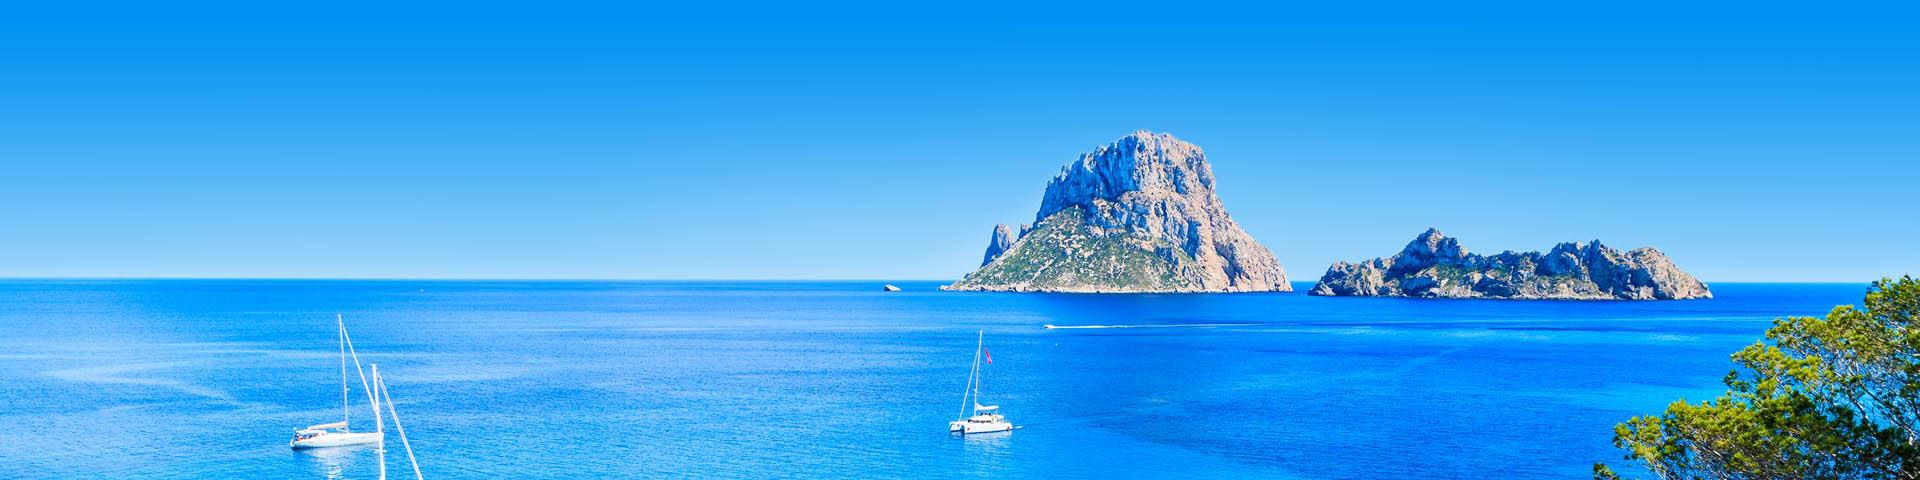 Bootje die vaart in de blauwe zee op Ibiza